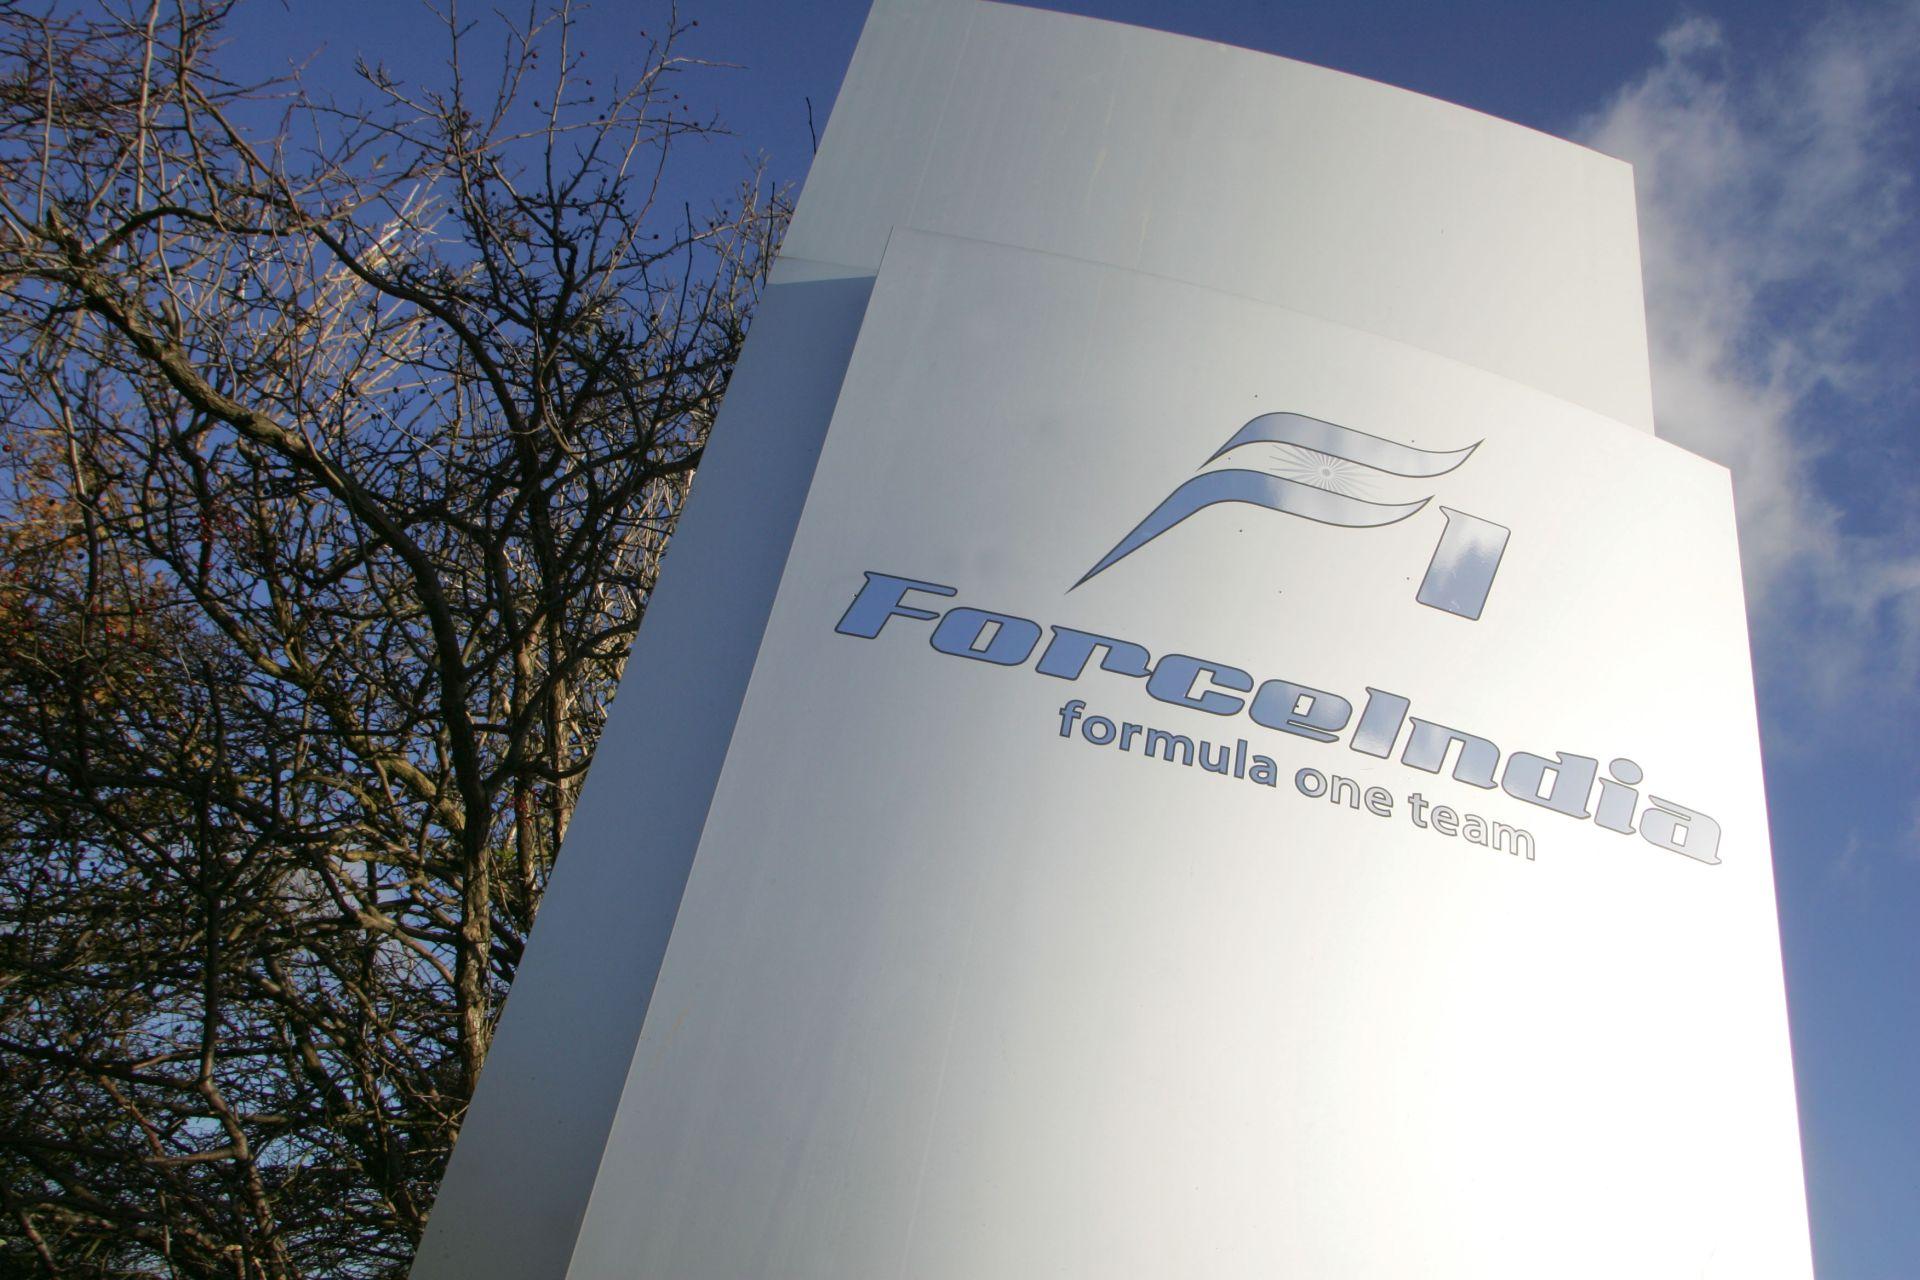 A Force India szerint 6 csapat irányítja a Forma-1-et és ez nem fair